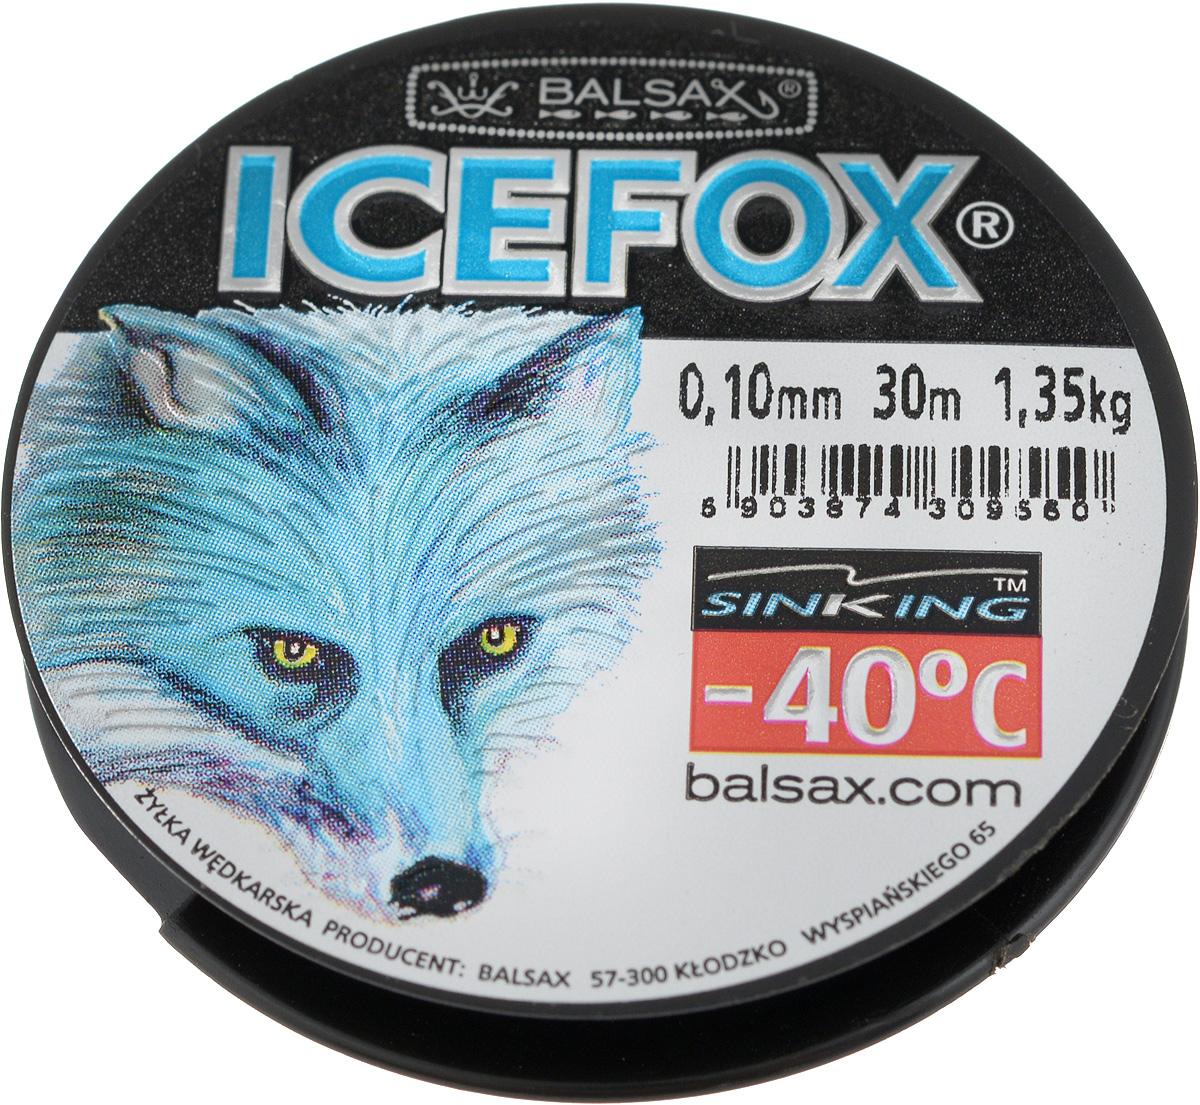 Леска зимняя Balsax Ice Fox, 30 м, 0,10 мм, 1,35 кг111726.937Леска Balsax Ice Fox изготовлена из 100% нейлона и очень хорошо выдерживает низкие температуры. Даже в самом холодном климате, при температуре вплоть до -40°C, она сохраняет свои свойства практически без изменений, в то время как традиционные лески становятся менее эластичными и теряют прочность.Поверхность лески обработана таким образом, что она не обмерзает и отлично подходит для подледного лова. Прочна в местах вязки узлов даже при минимальном диаметре.